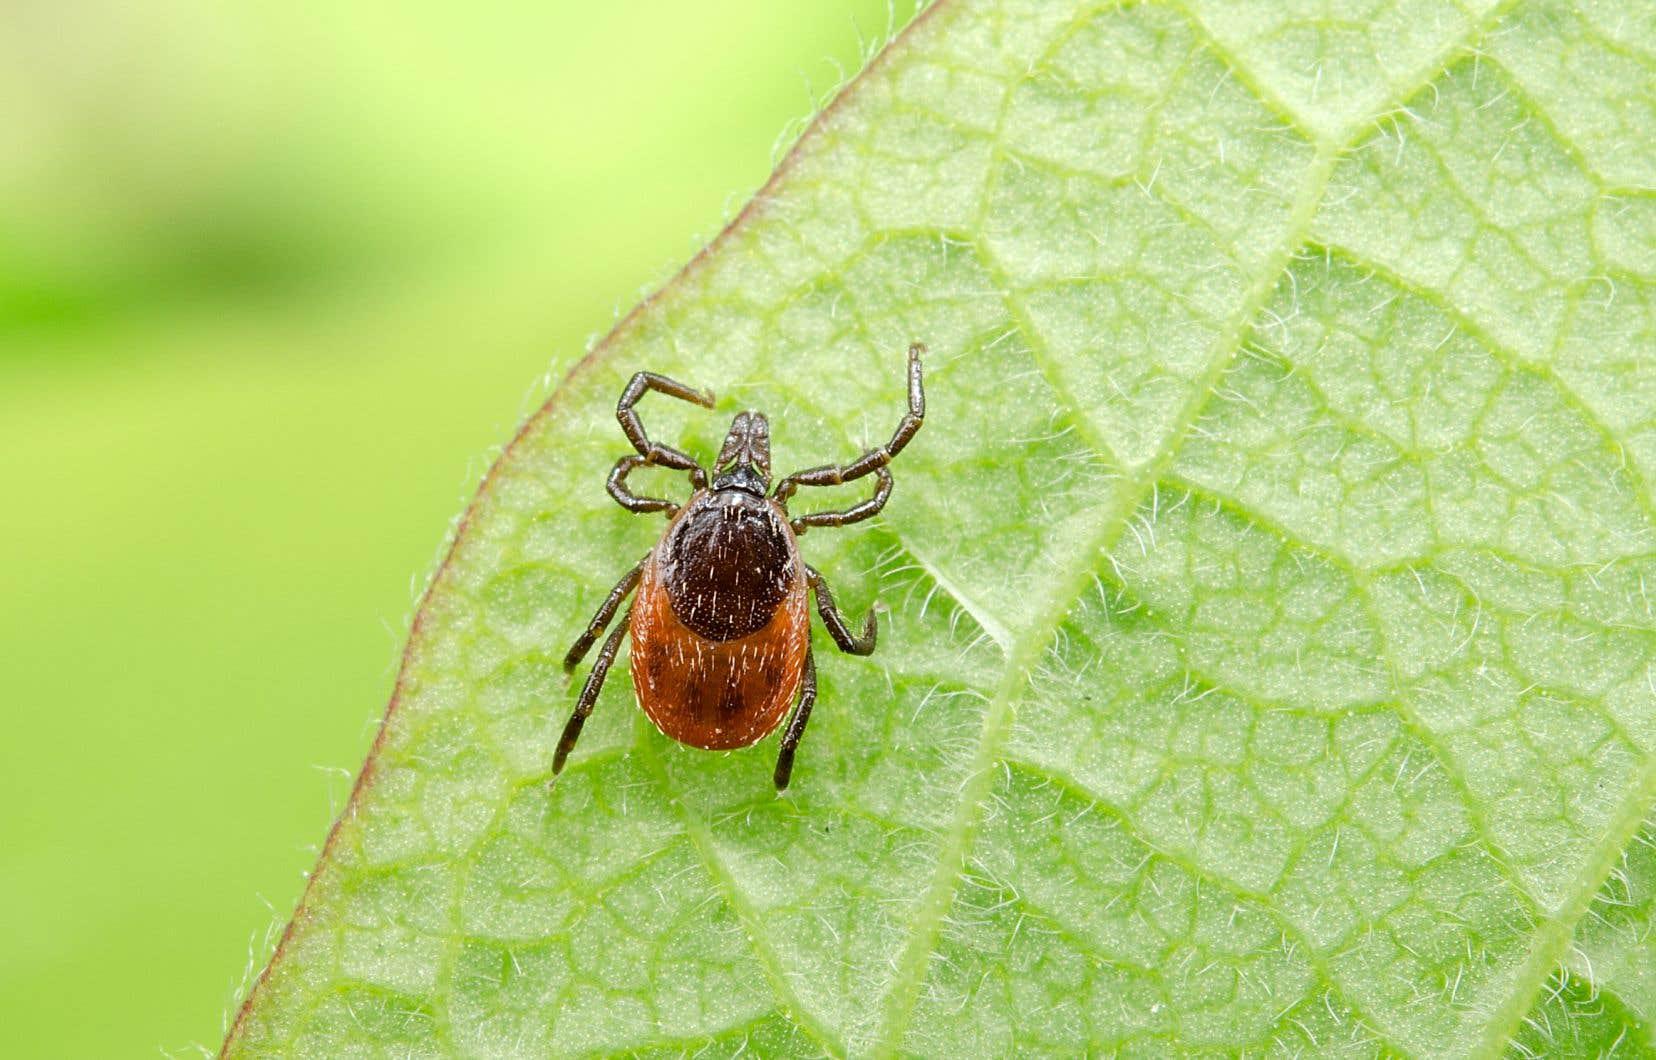 Le risque de contracter la maladie de Lyme augmente si l'insecte reste accroché à la peau pendant plus d'une journée.